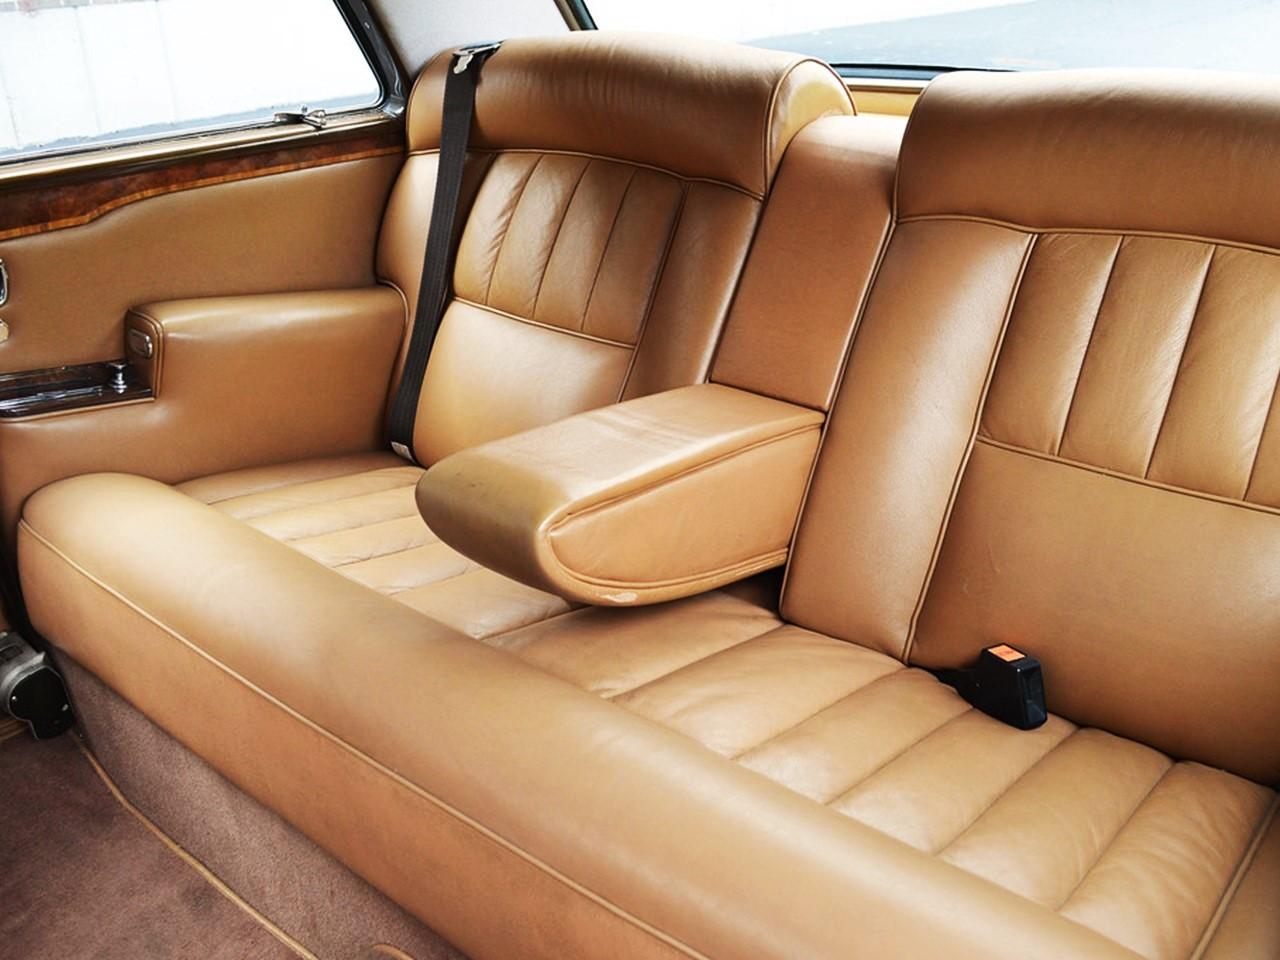 1974 Corniche fixedhead 3